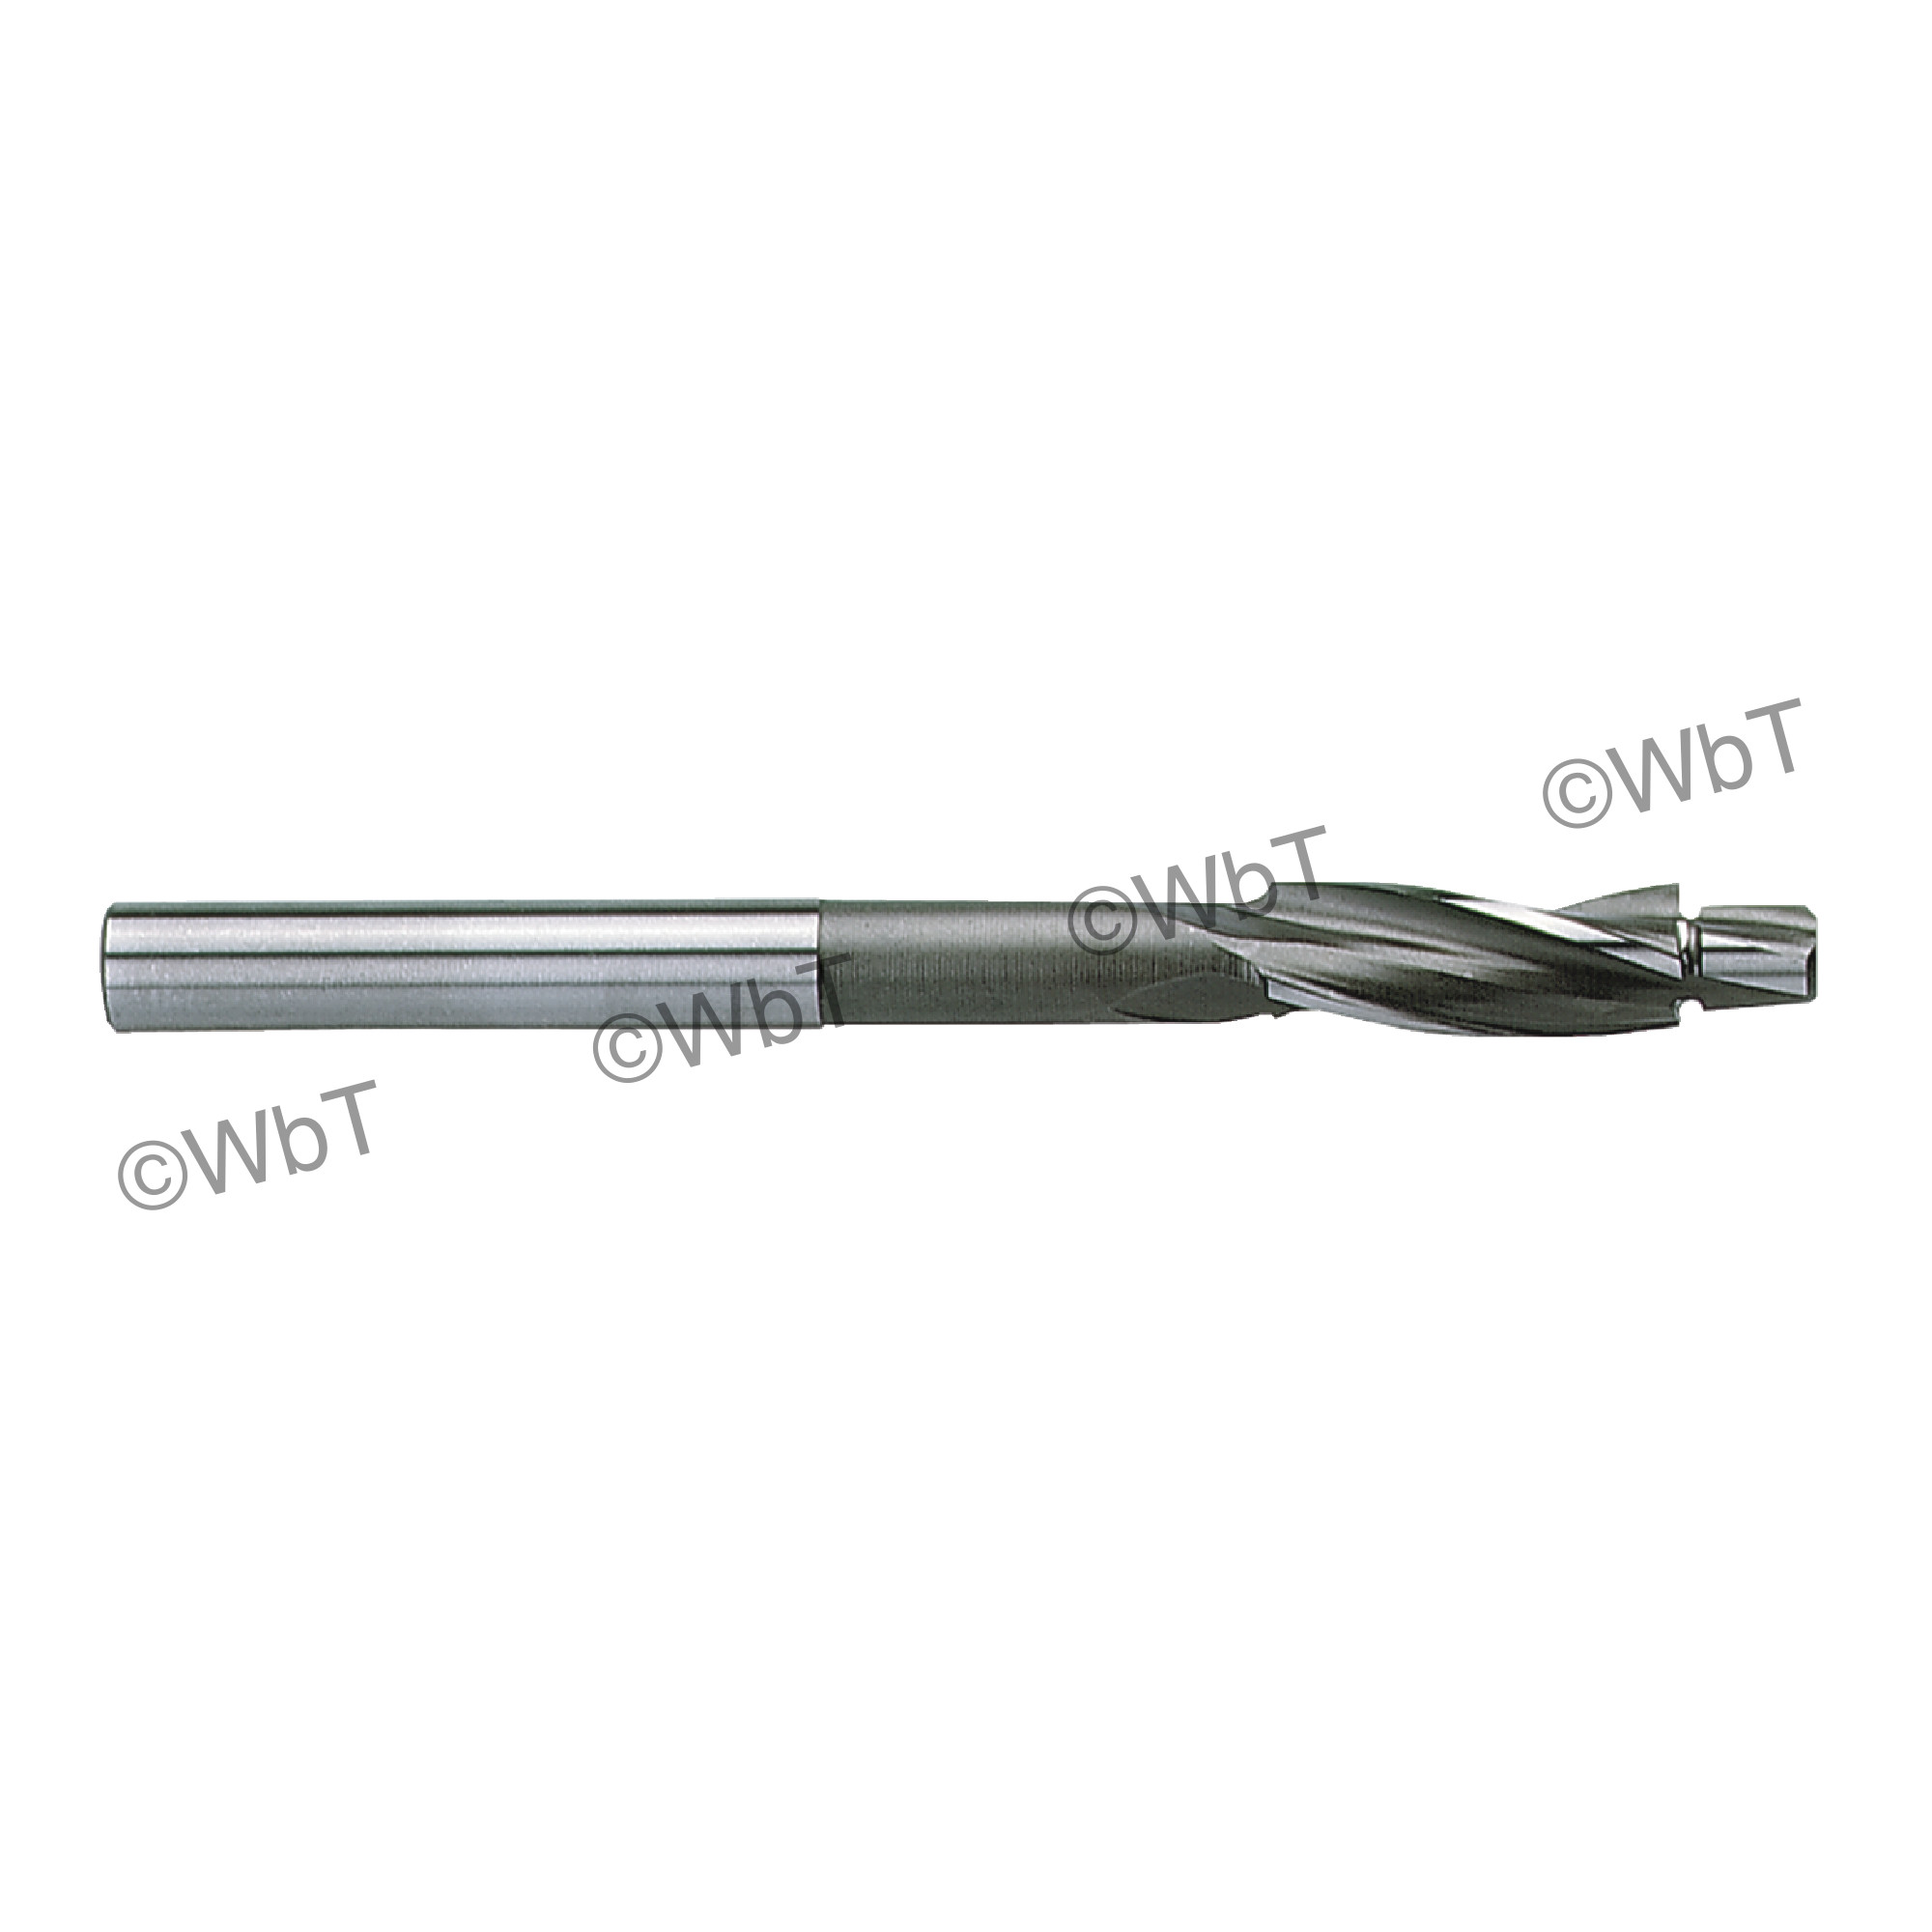 3 Flute Metric Cobalt Solid Cap Screw Counterbore